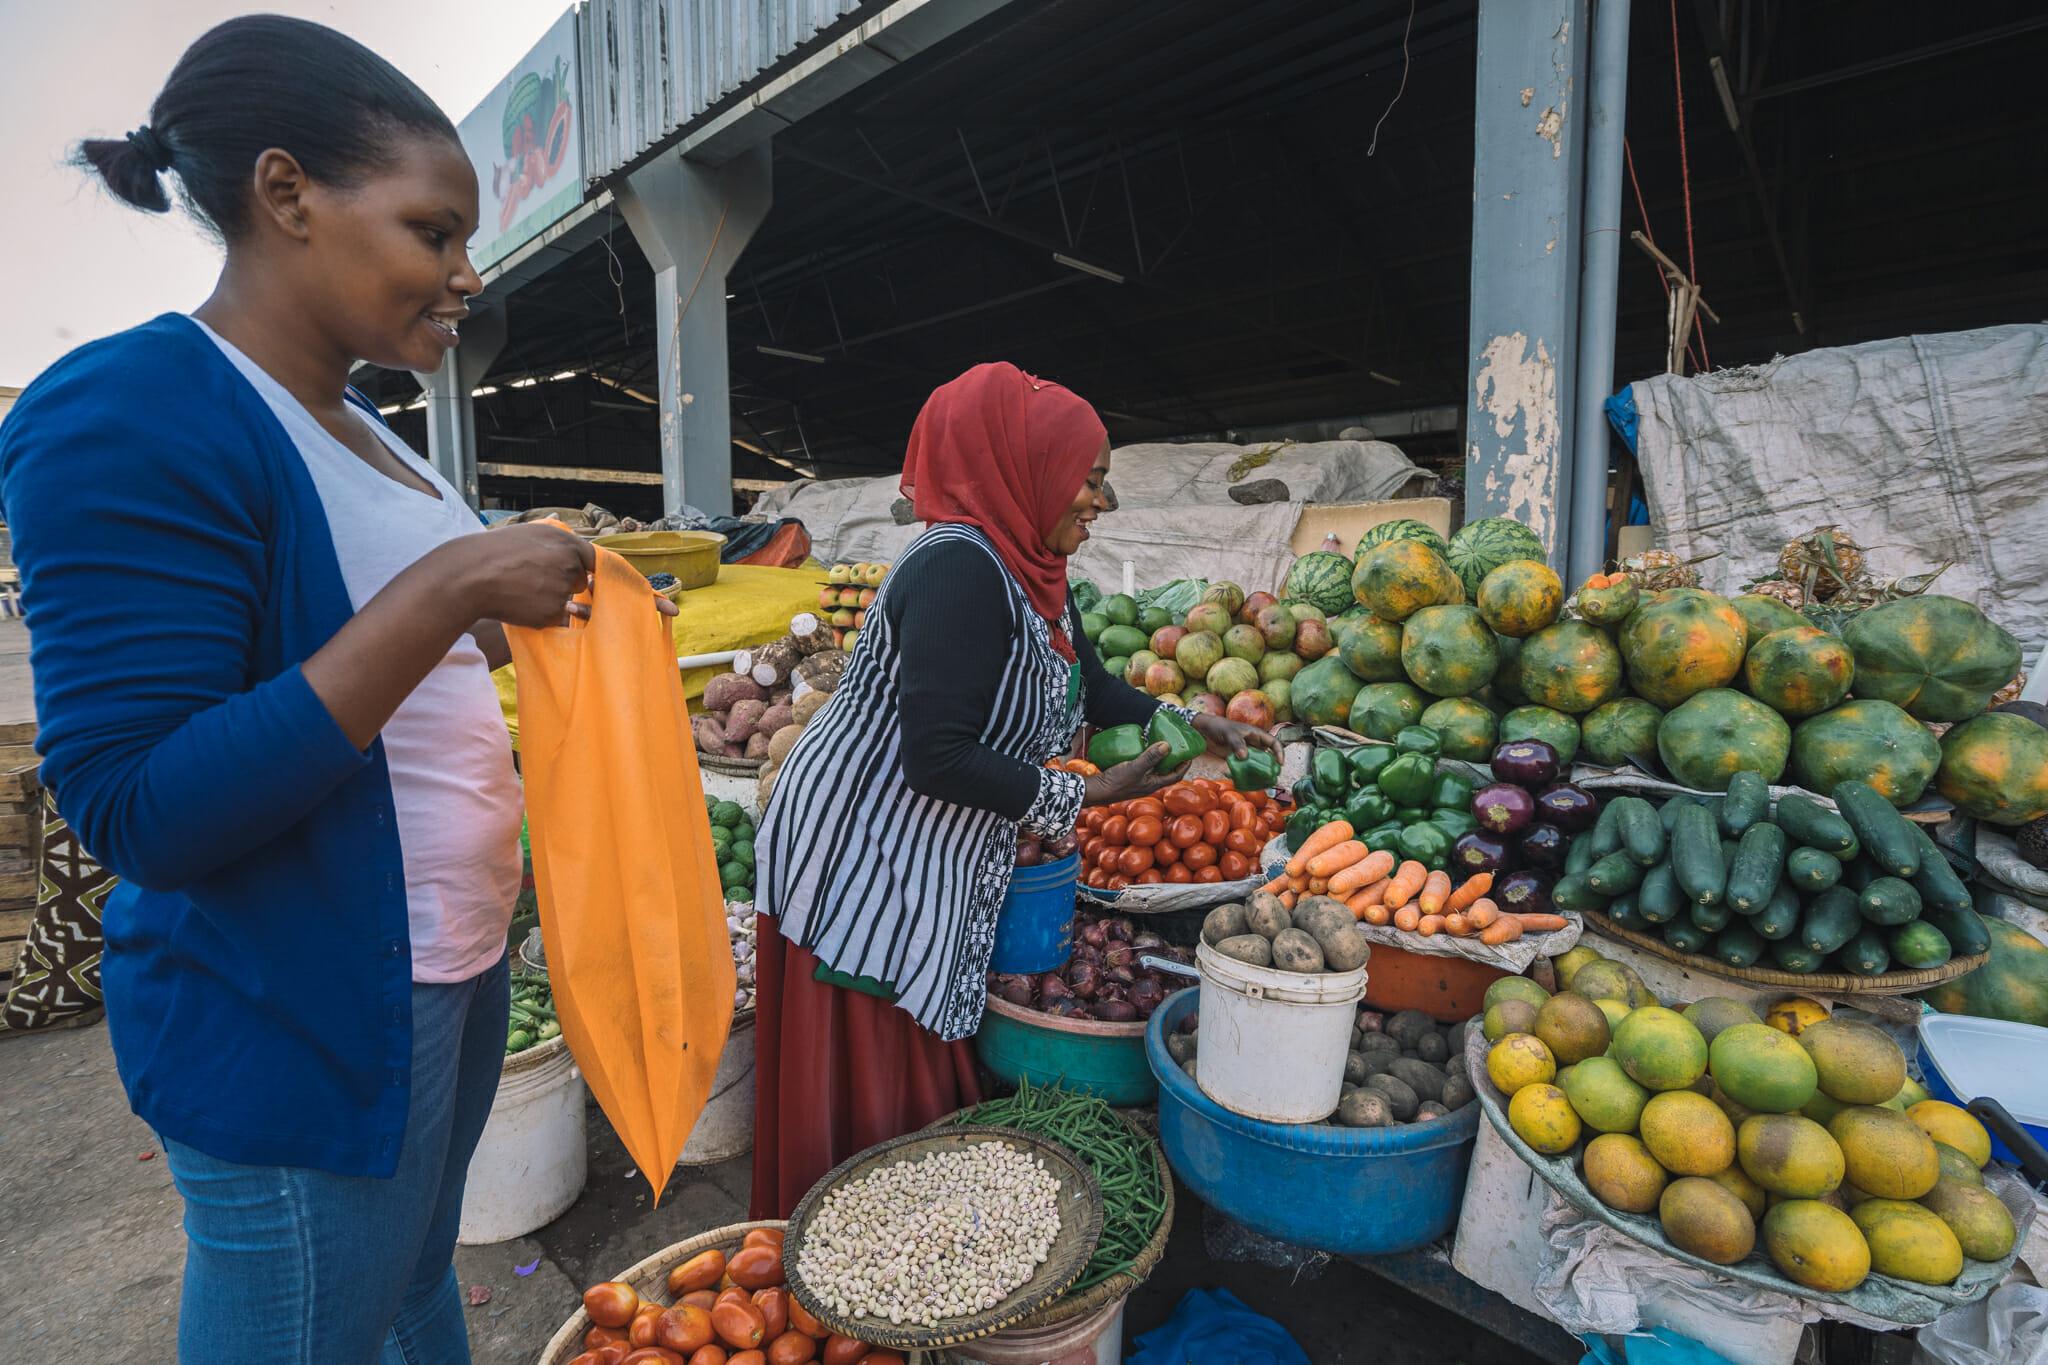 Achats du jour sur le marché de Moshi en Tanzanie